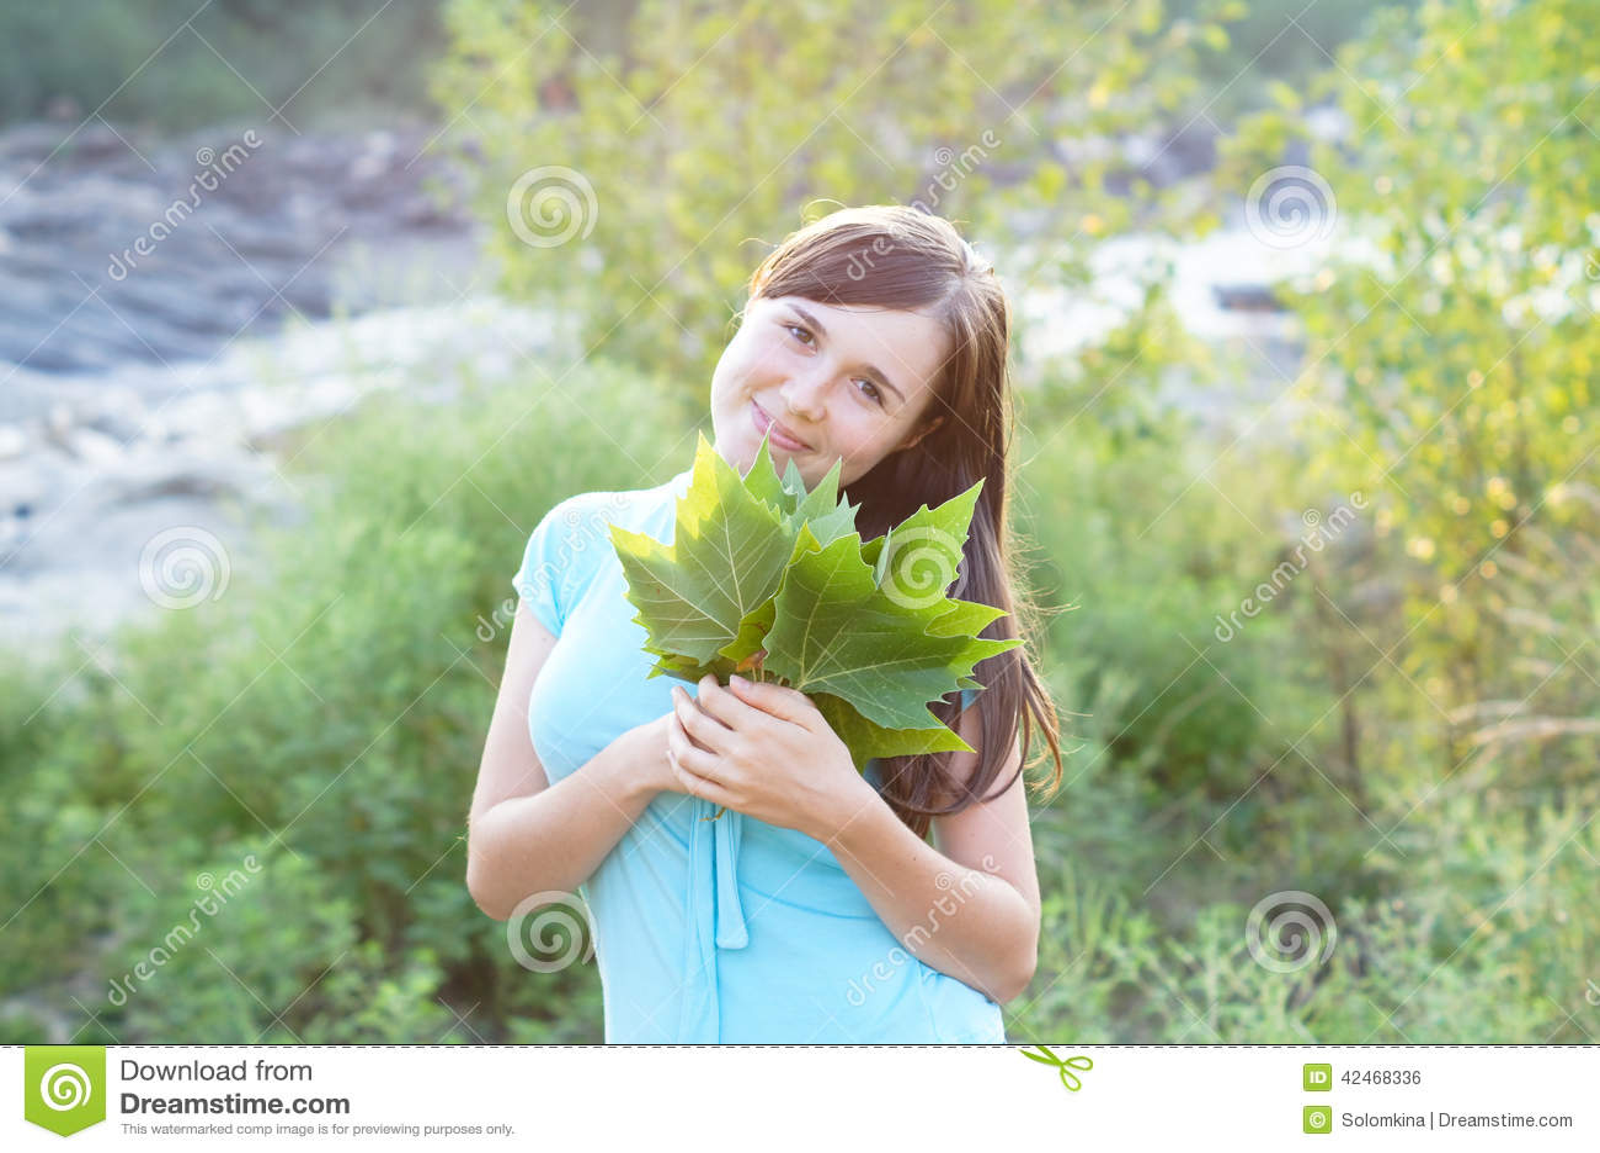 Porträt eines jungen hübschen Mädchens